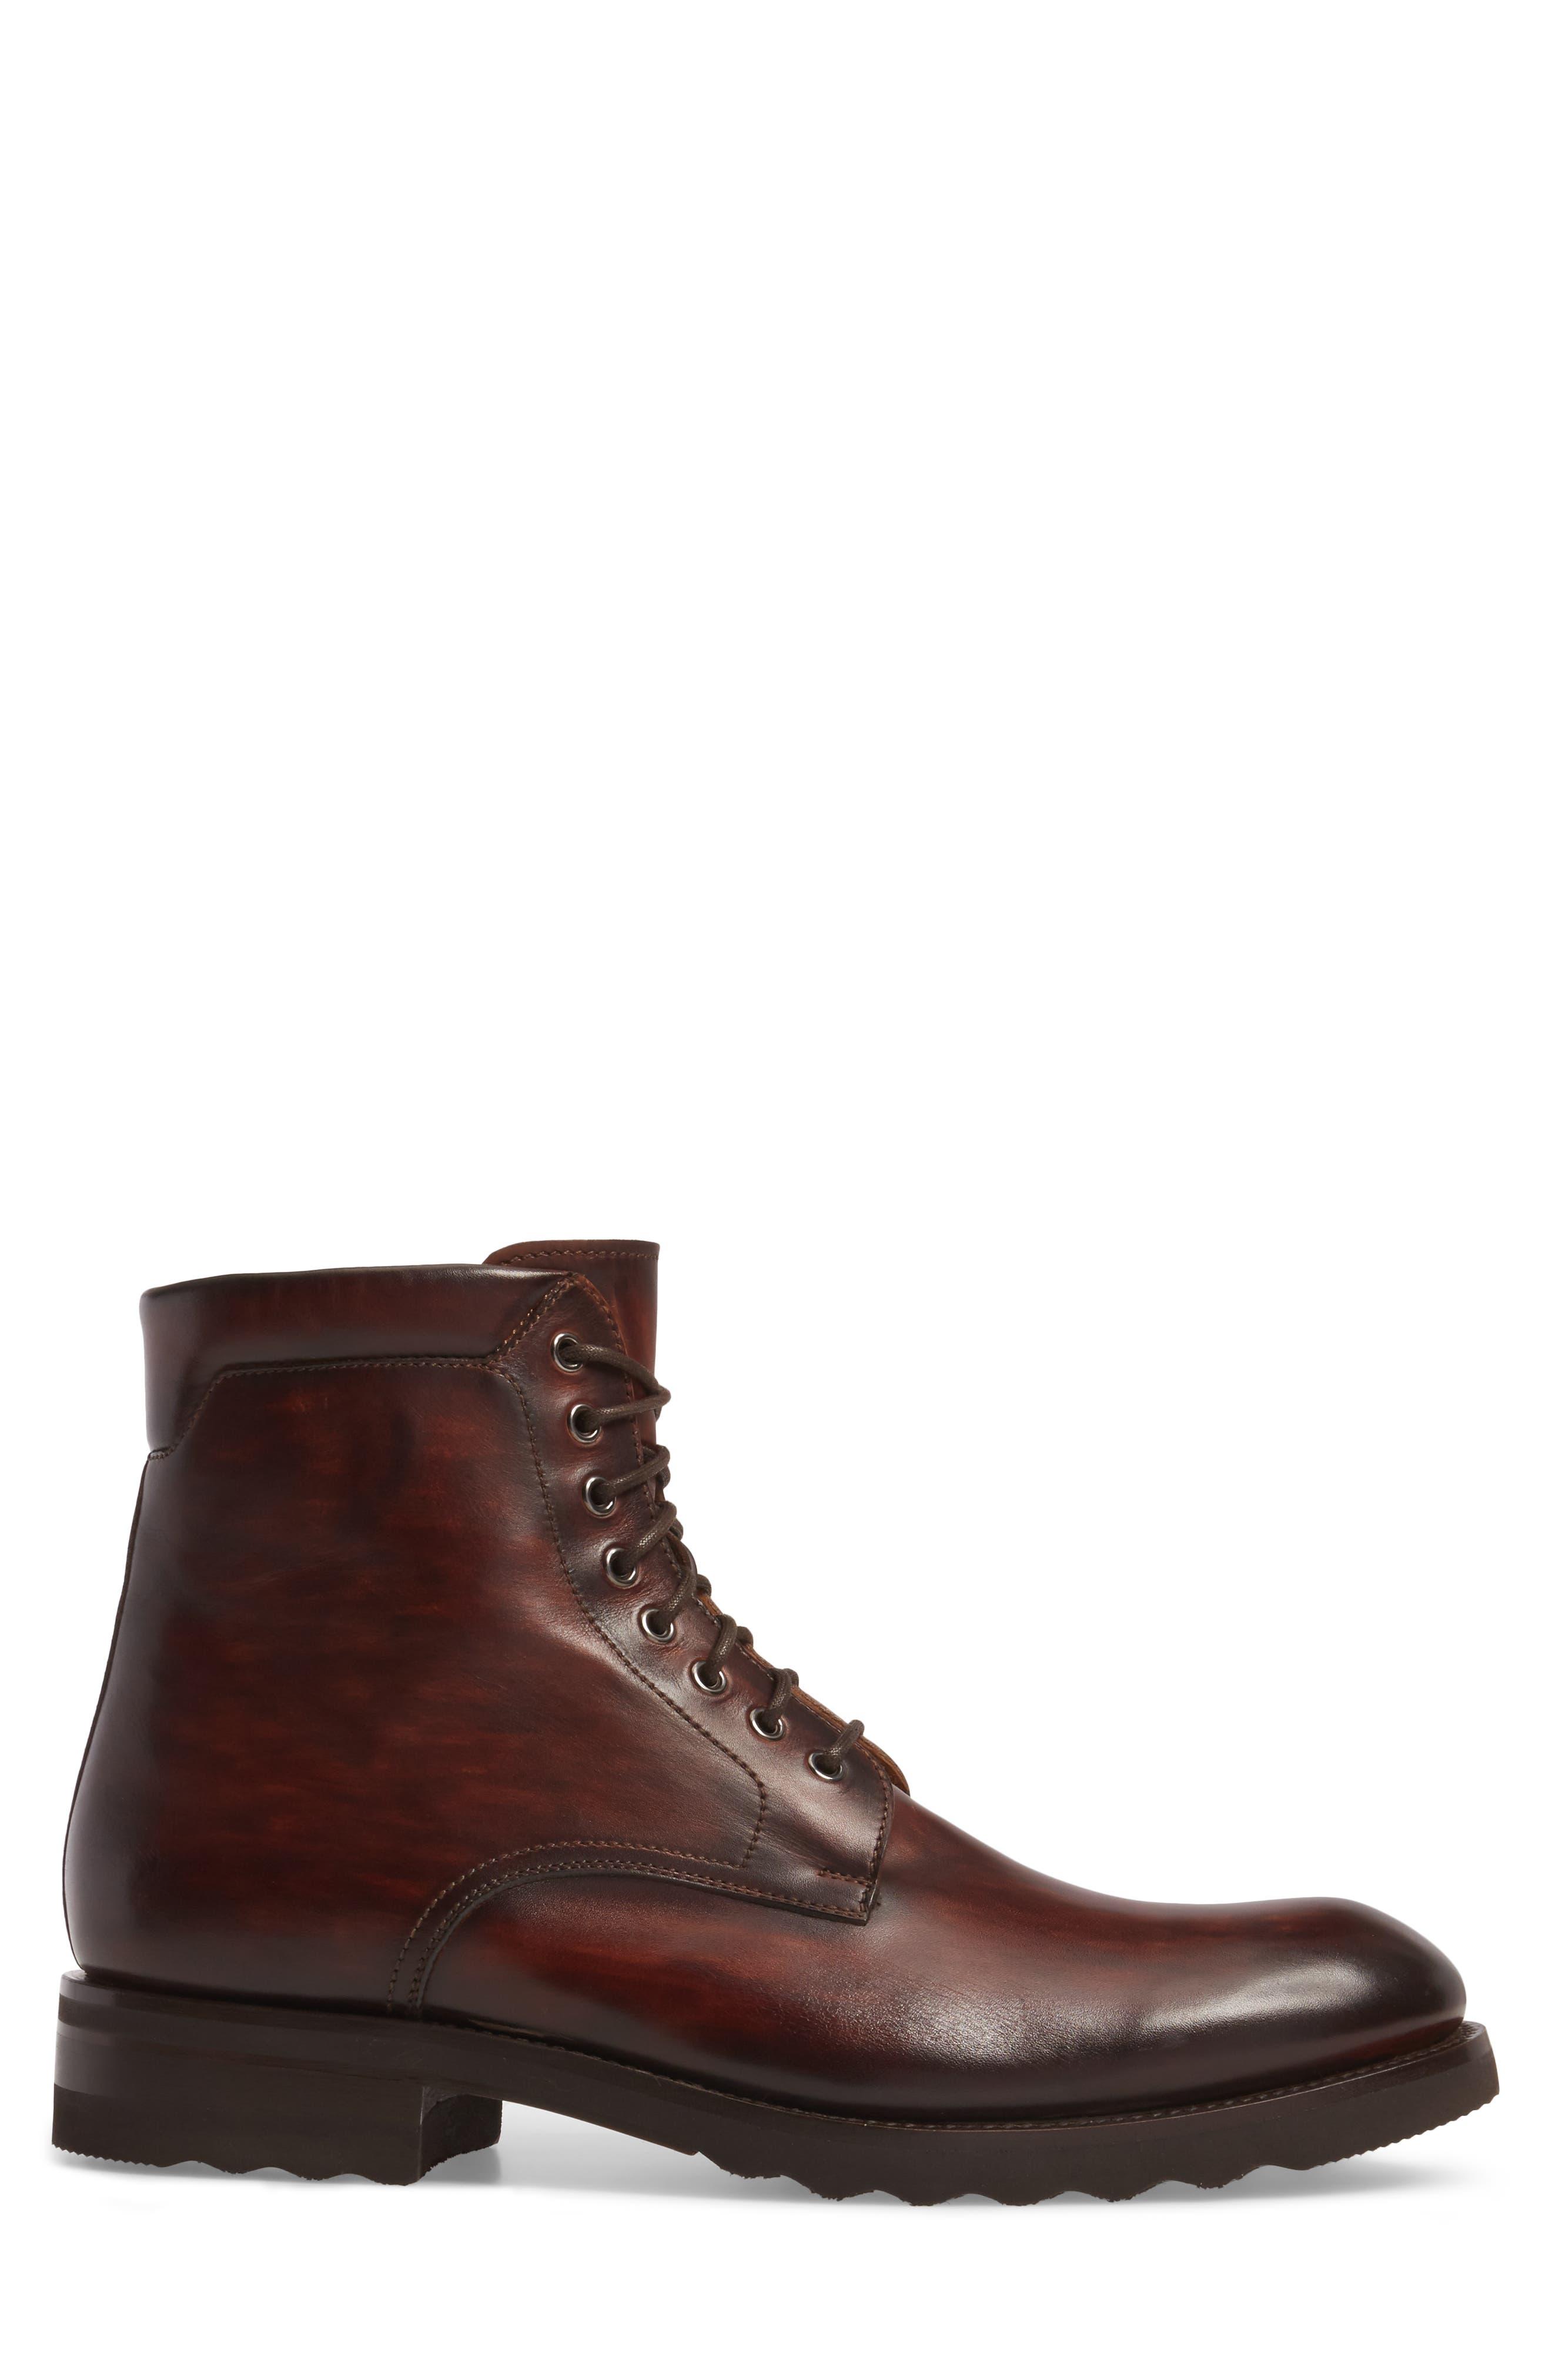 Saxon Plain Toe Boot,                             Alternate thumbnail 3, color,                             210